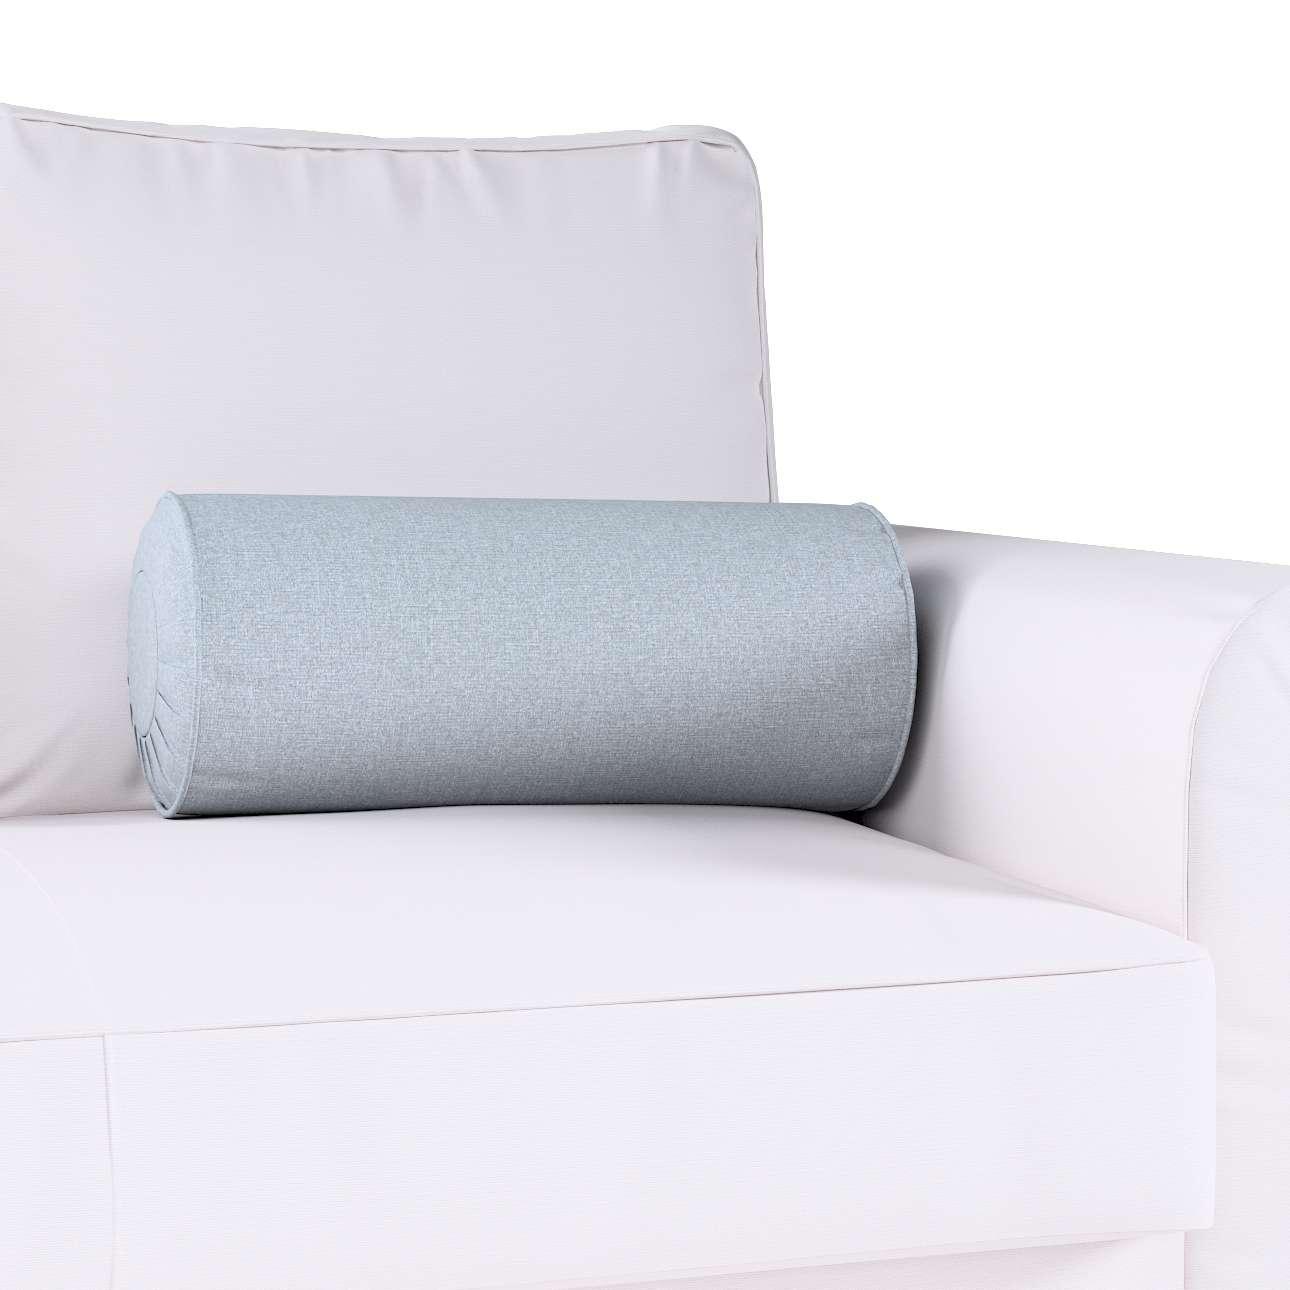 Poduszka wałek z zakładkami w kolekcji Amsterdam, tkanina: 704-46